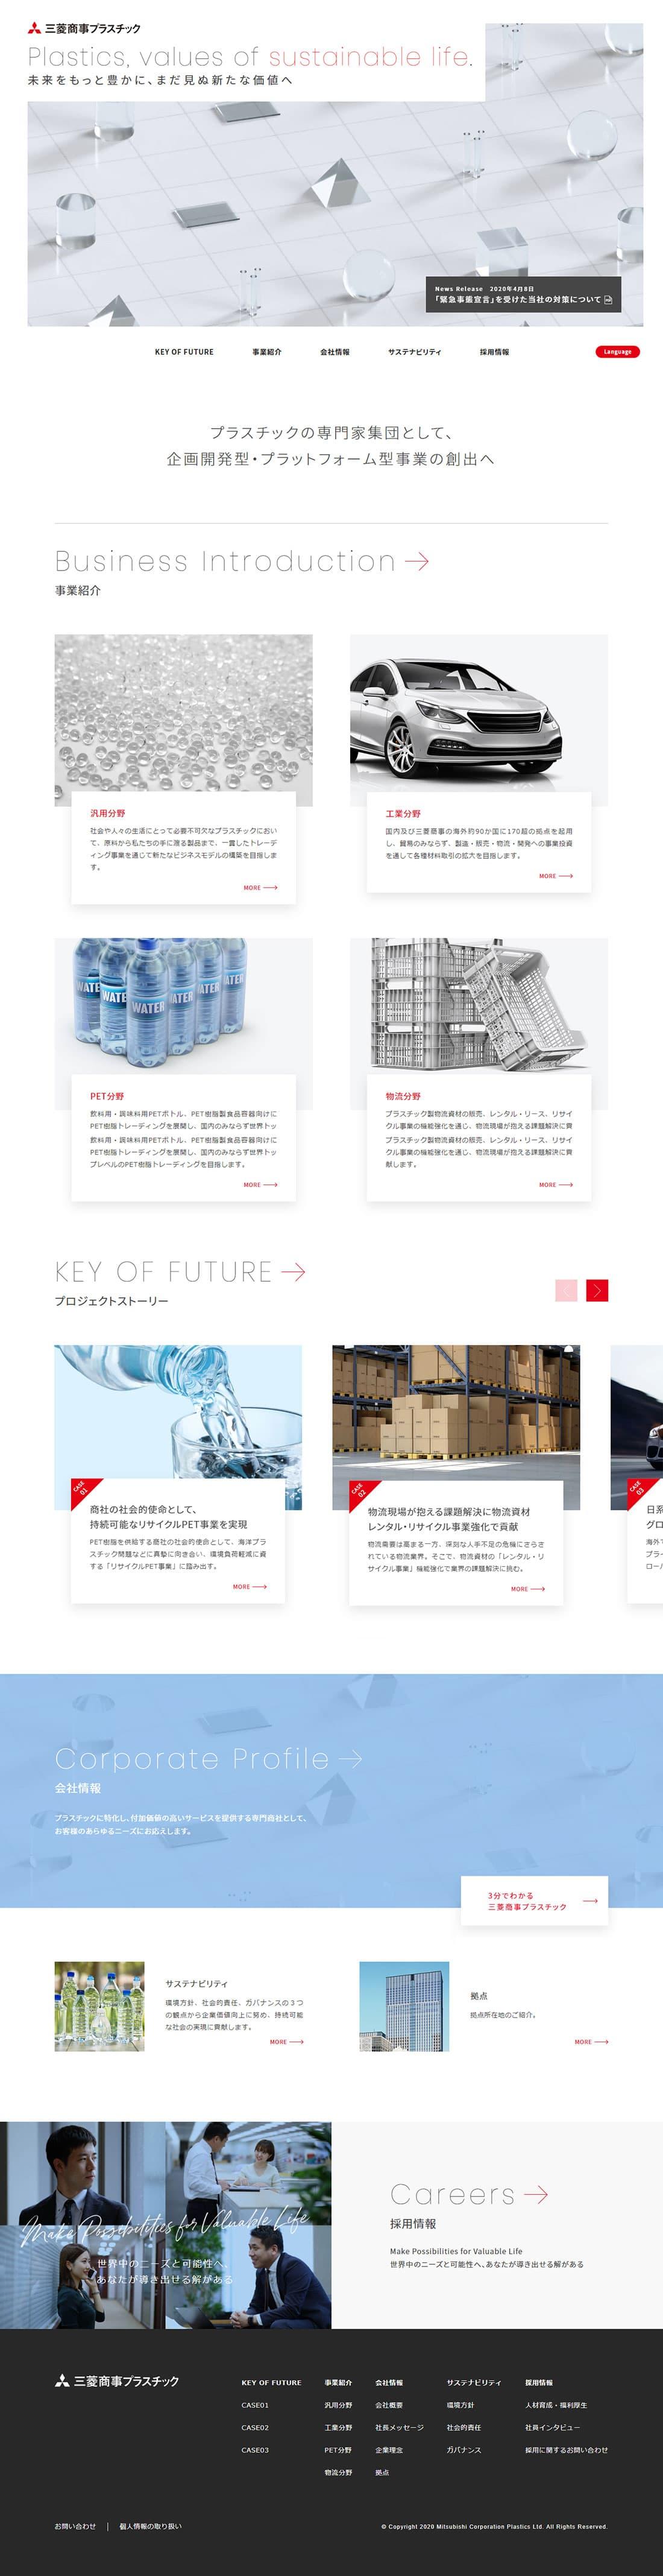 三菱商事プラスチック株式会社